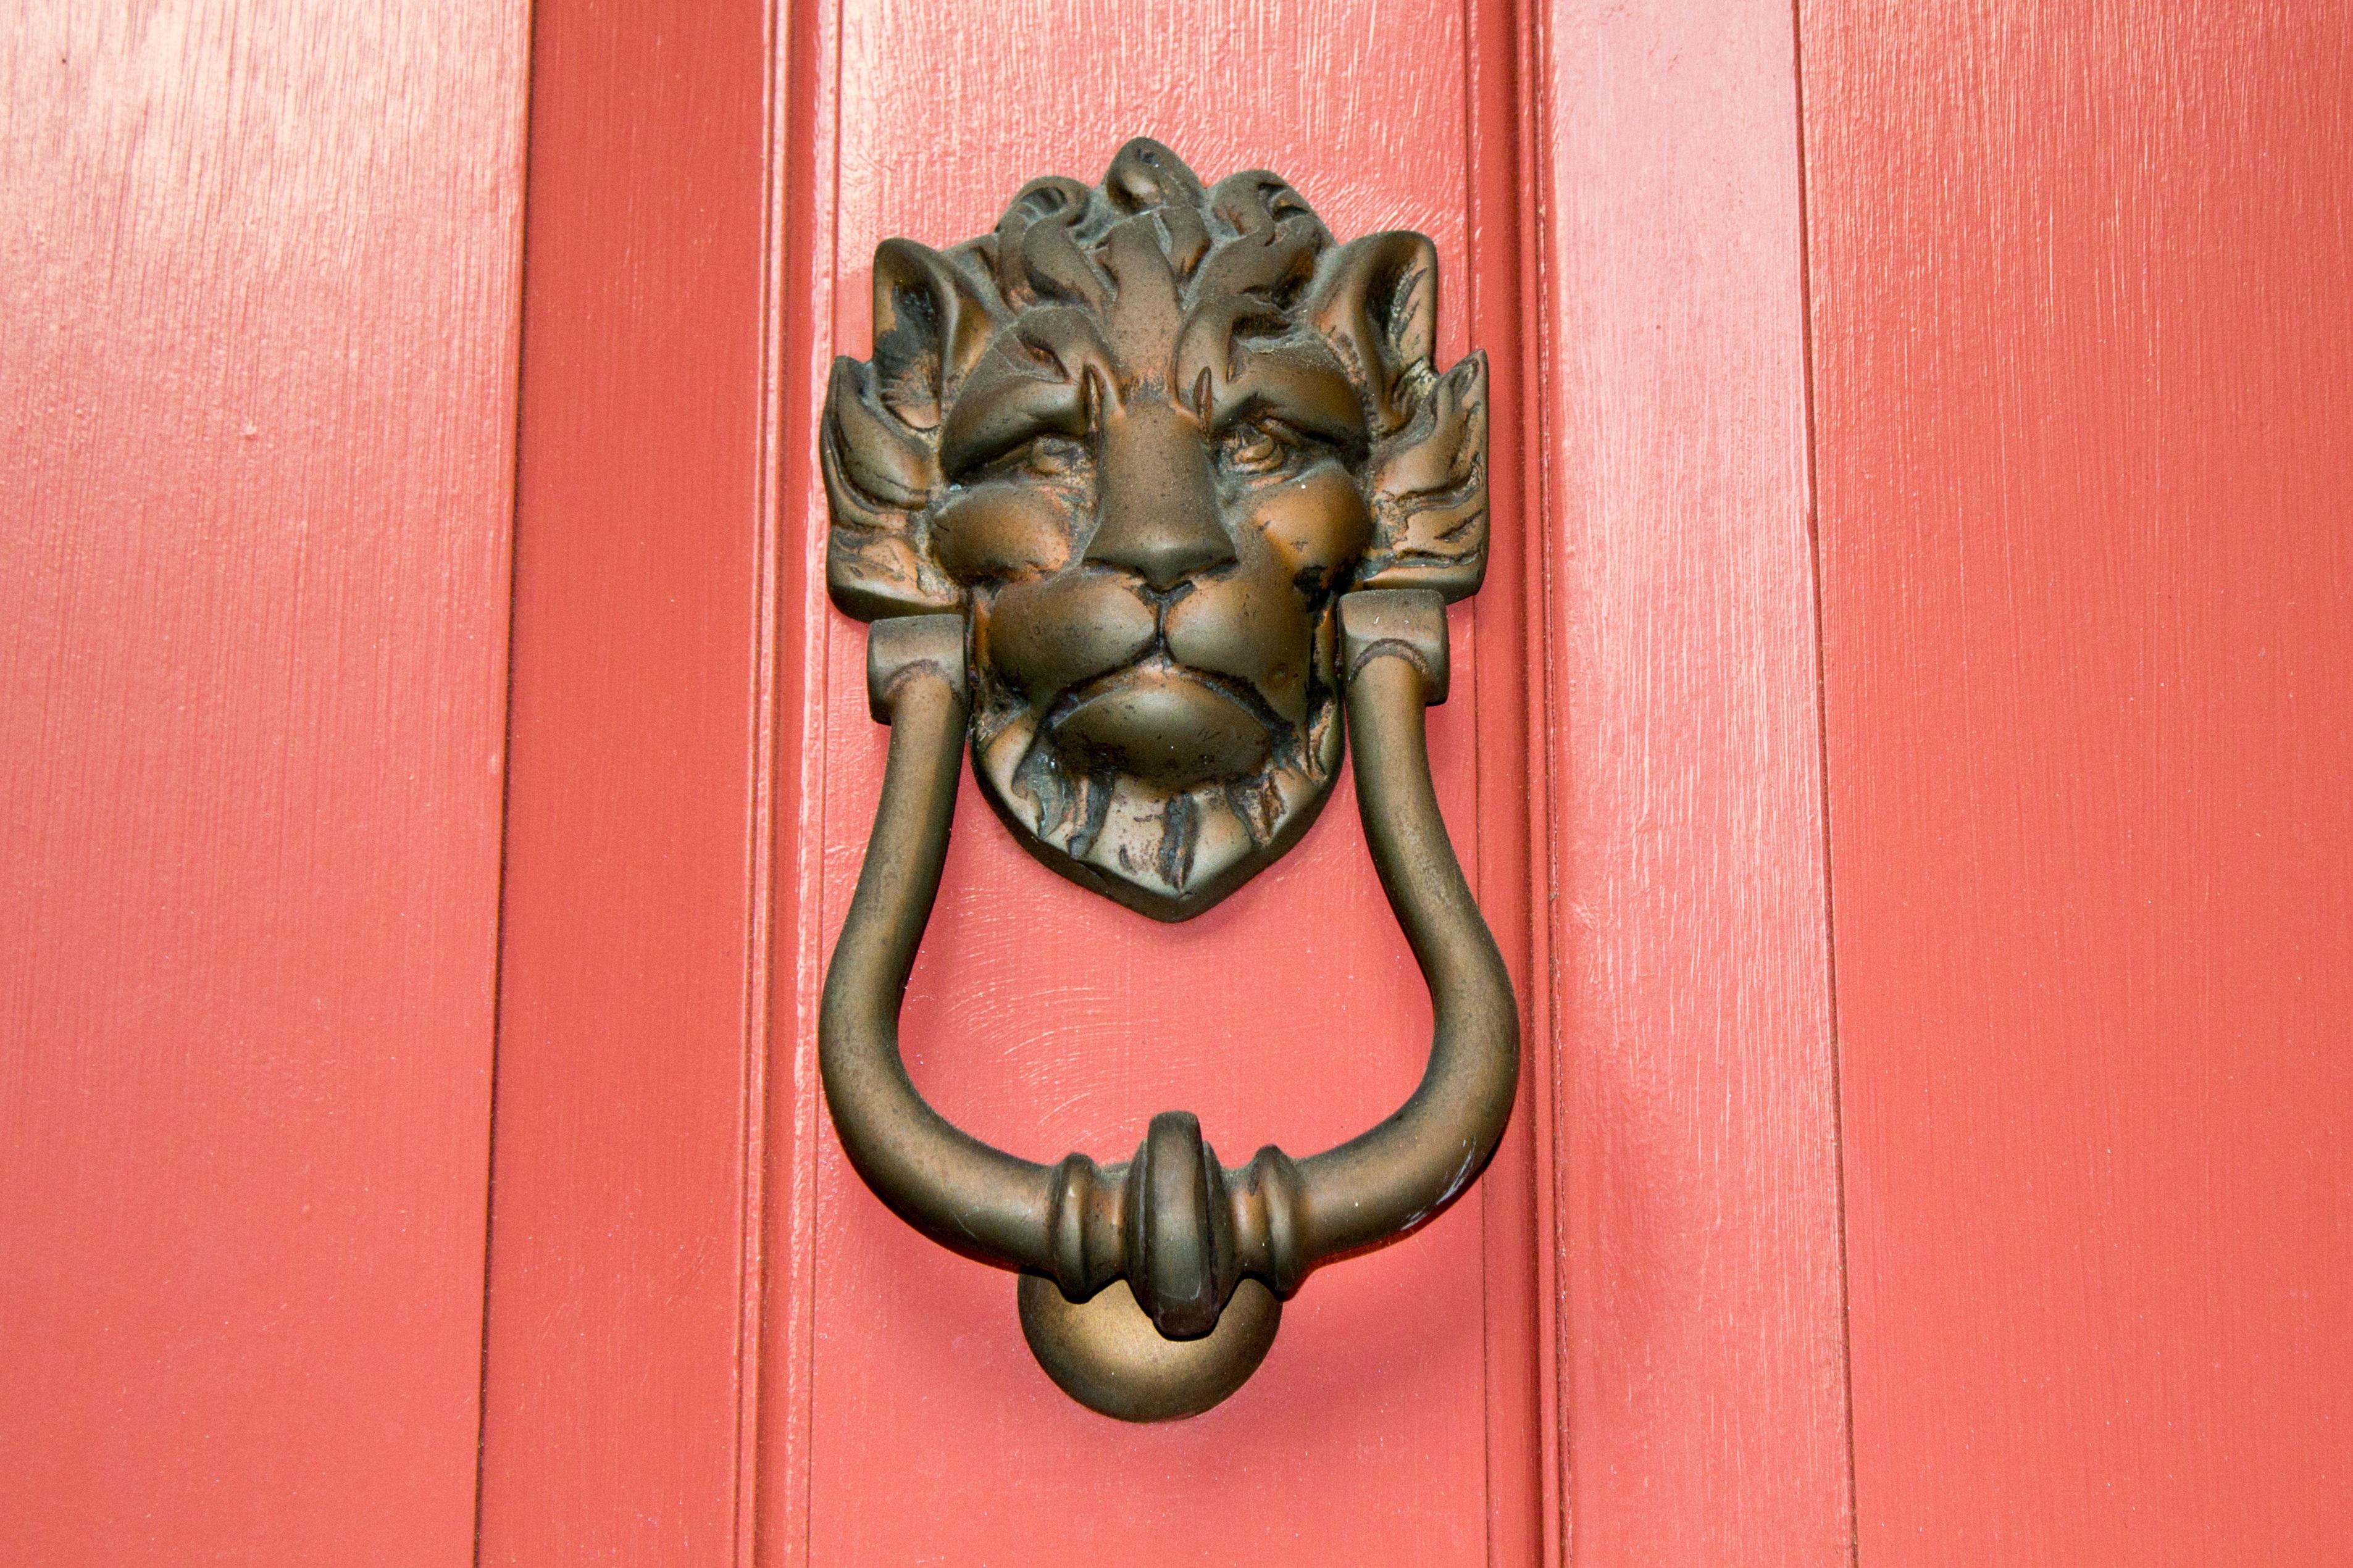 Free Images architecture wood vintage antique